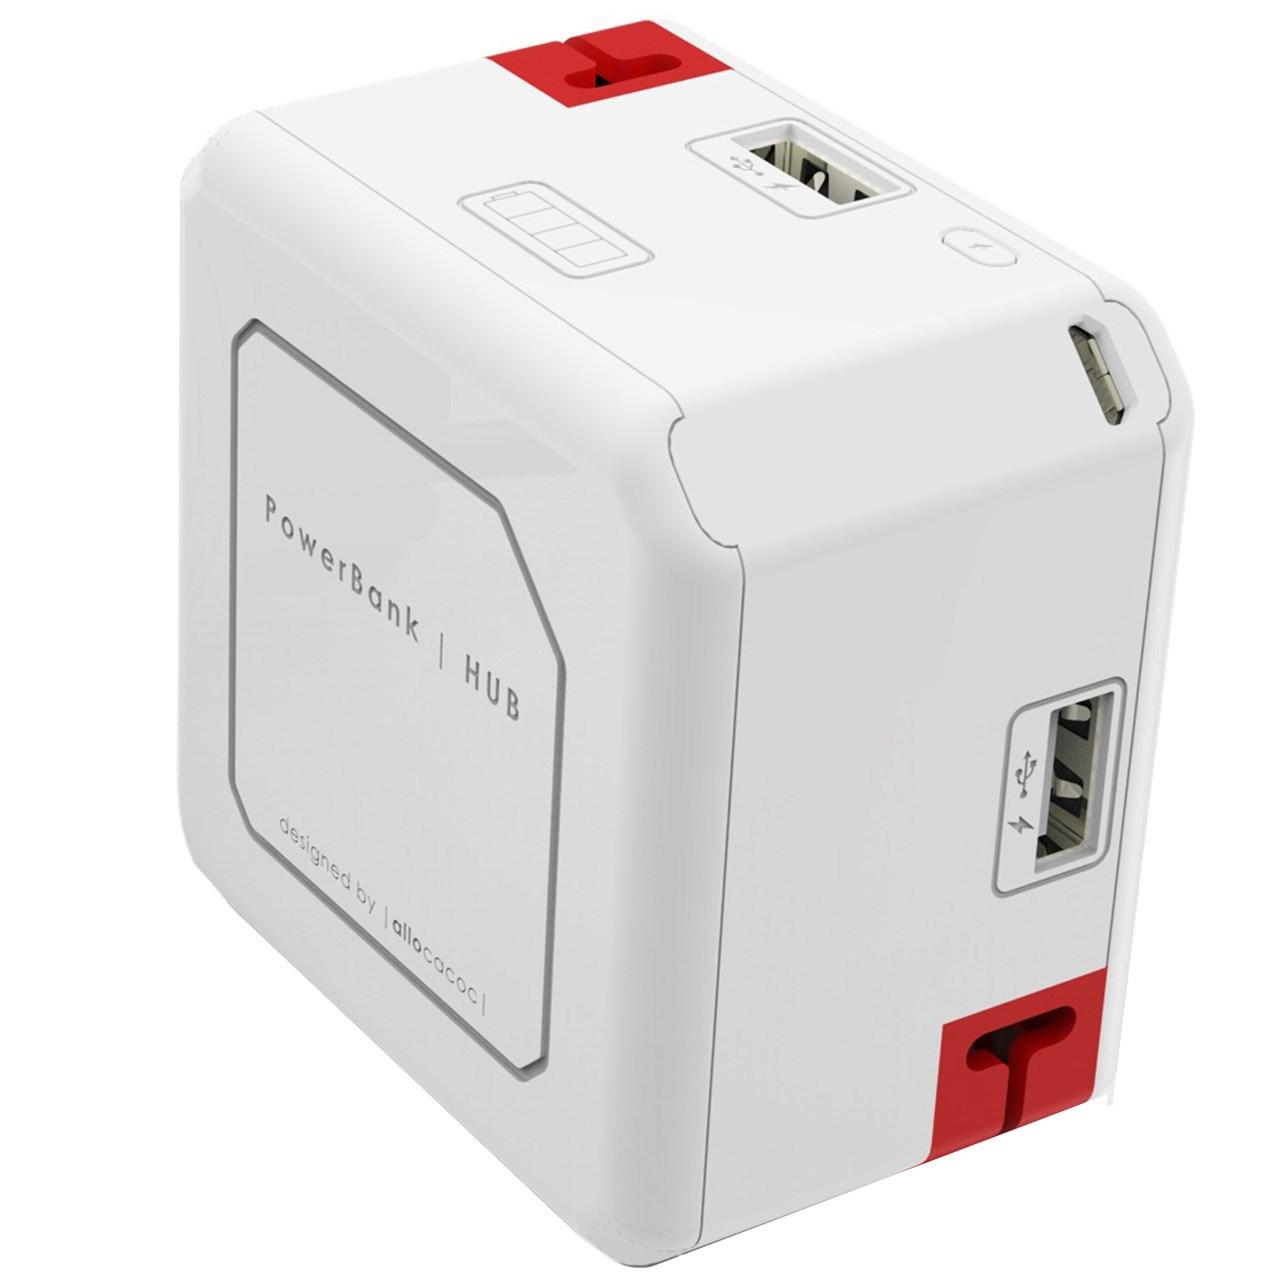 قیمت شارژر همراه الوکاکوک مدل 9402 با ظرفیت 5000 میلی آمپر ساعت